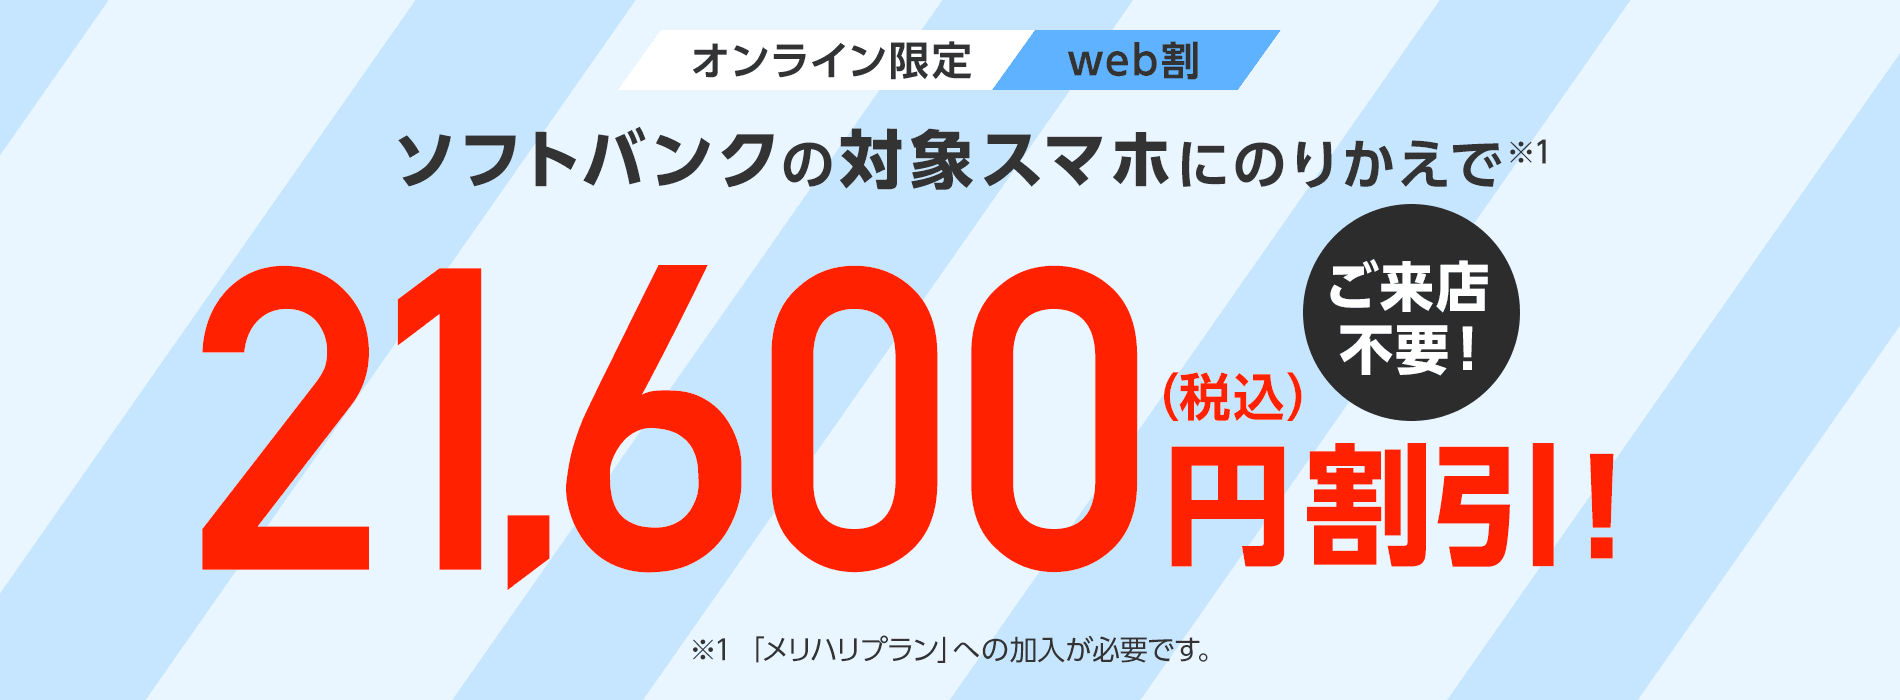 オンライン限定web割ソフトバンクの対象スマホにのりかえで(※1)対象機種代金から21,600円(税込)割引! ※1「メリハリプラン」への加入が必要です。